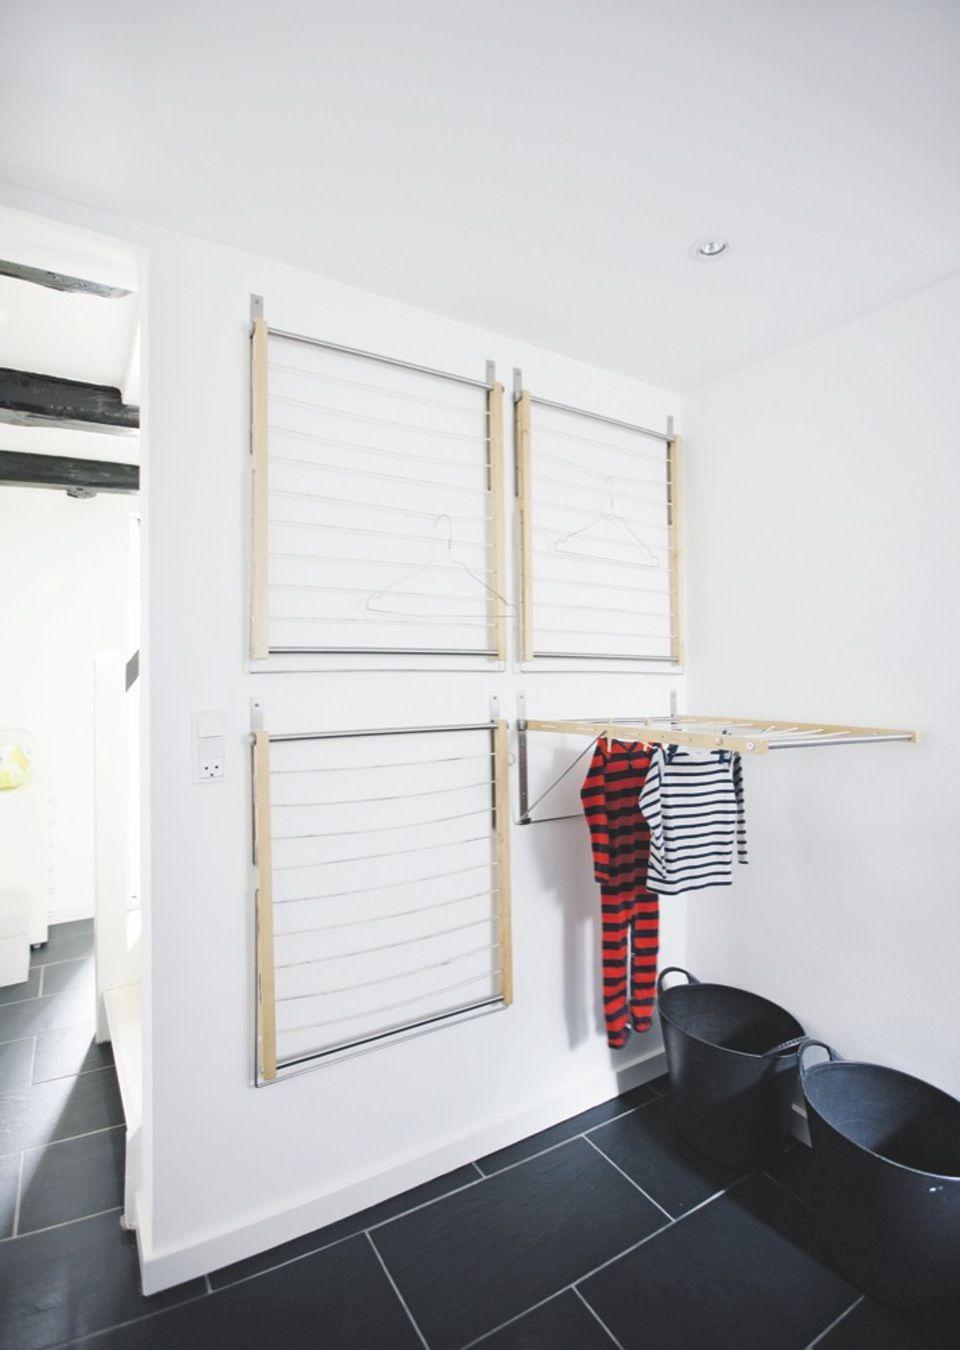 Sa Skont Kan Man Indrette Pa 67 M2 Vaskerum Design Sma Rum Lidt Plads Ikea Ideer